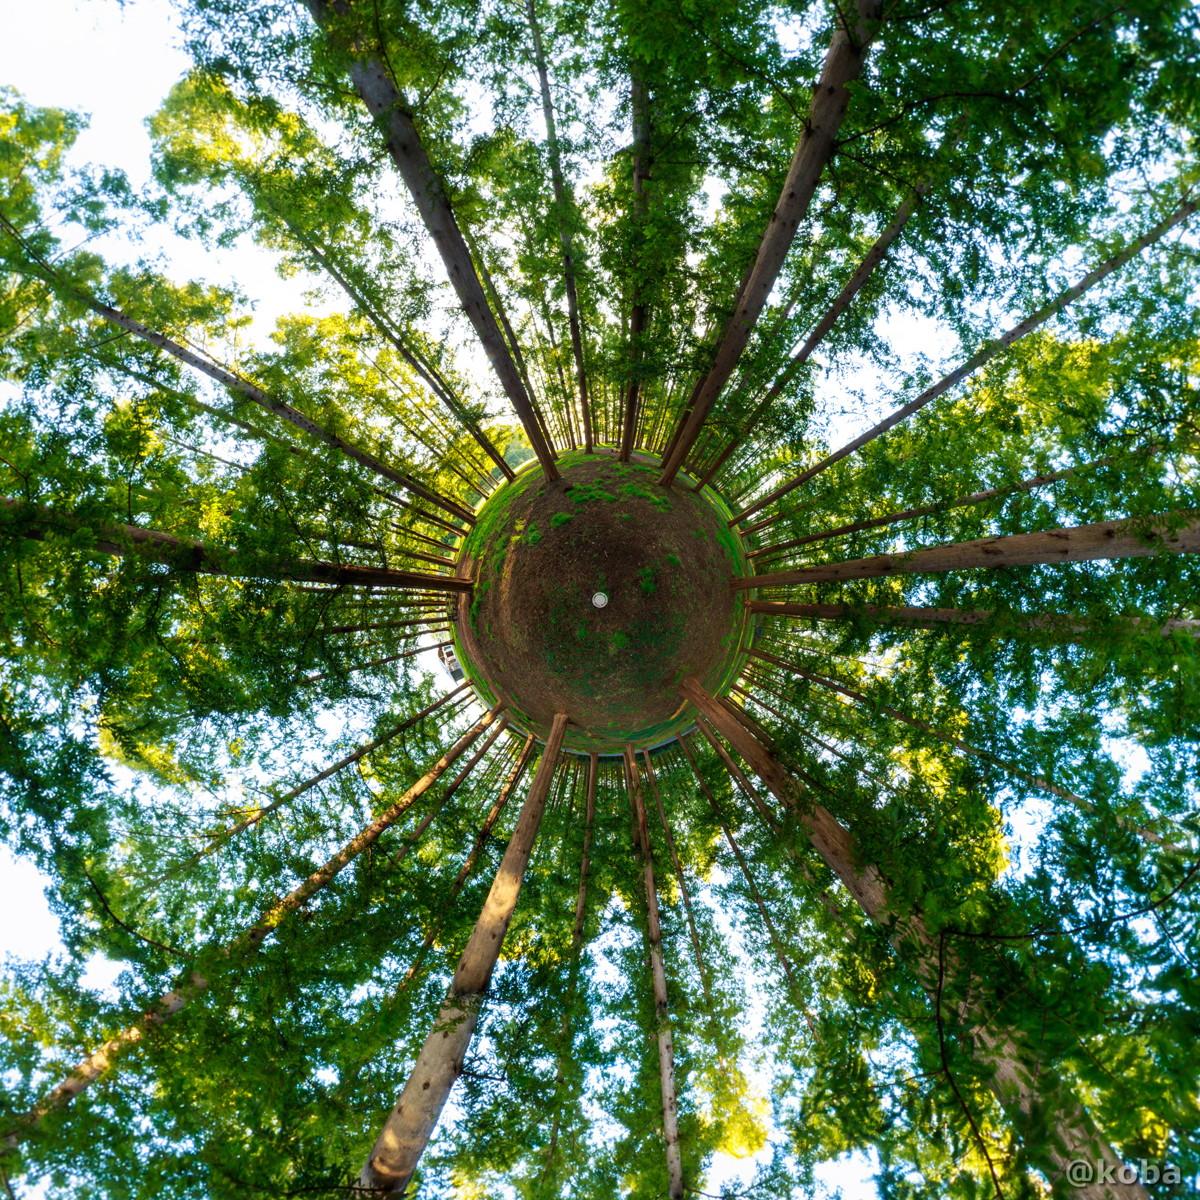 リトルプラネット 朝のメタセコイアの森 11月の写真|水元公園|東京都葛飾区|こばフォトブログ koba photo blog